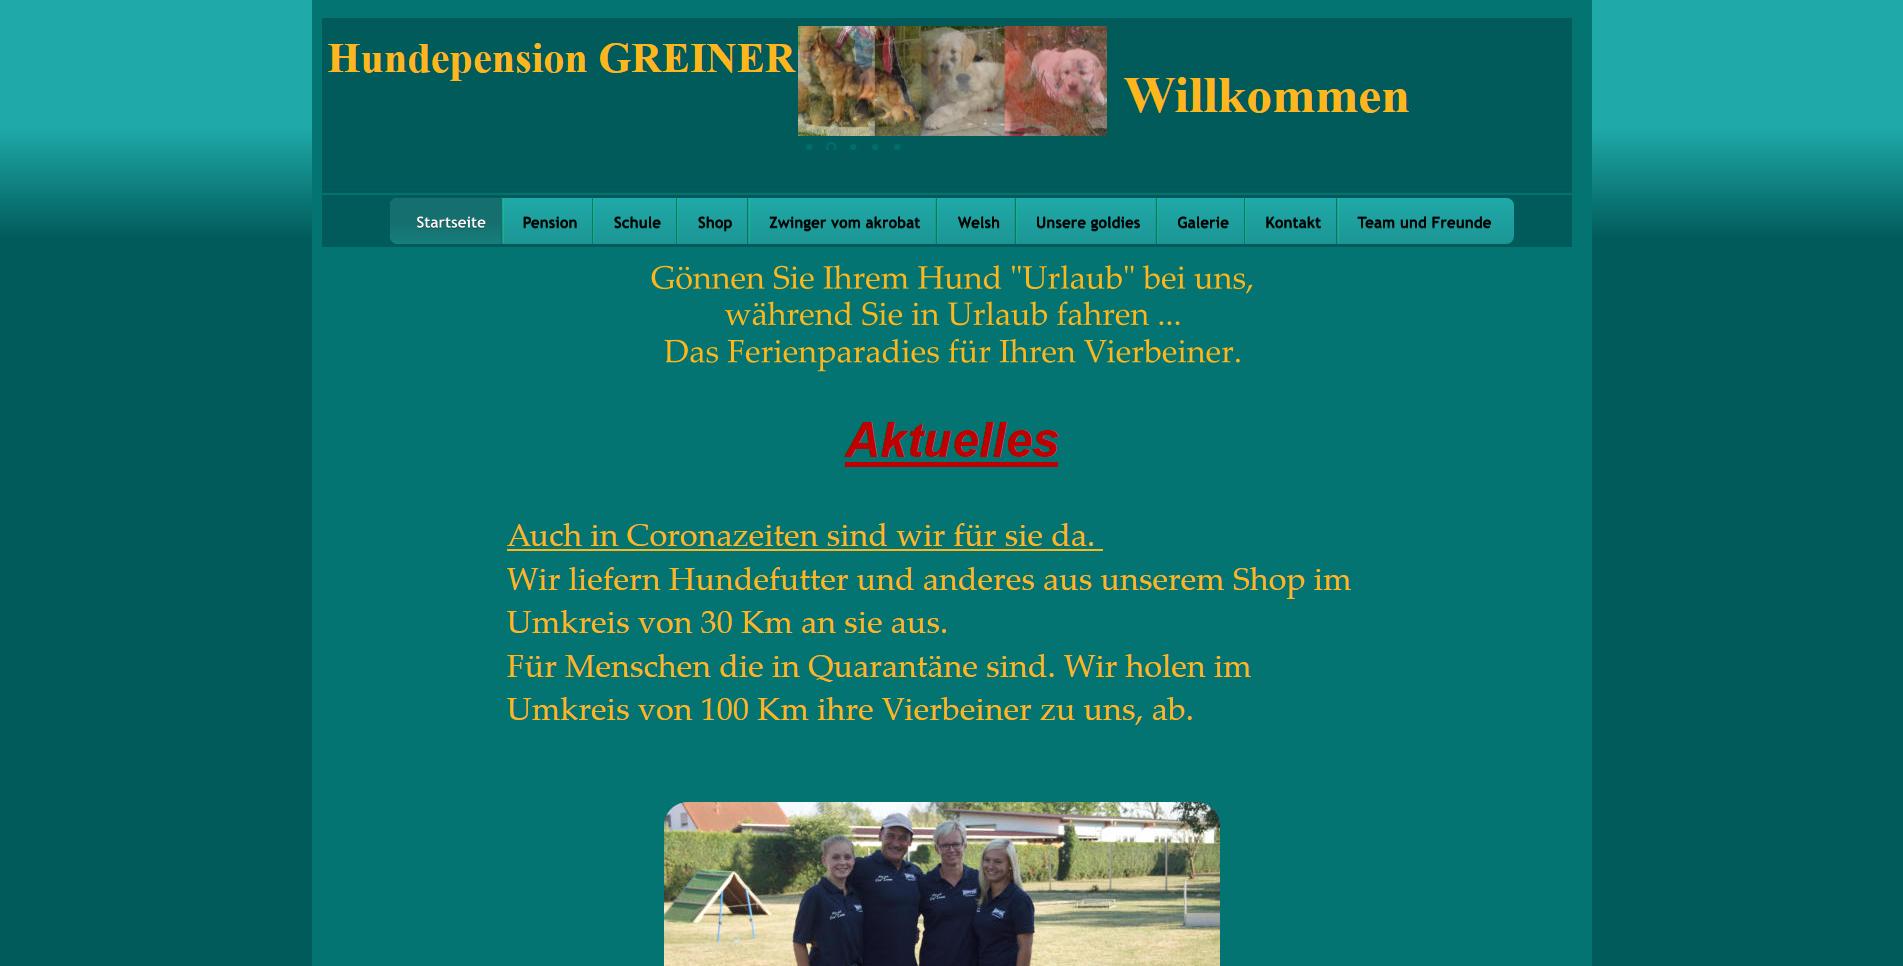 Hundepension Greiner